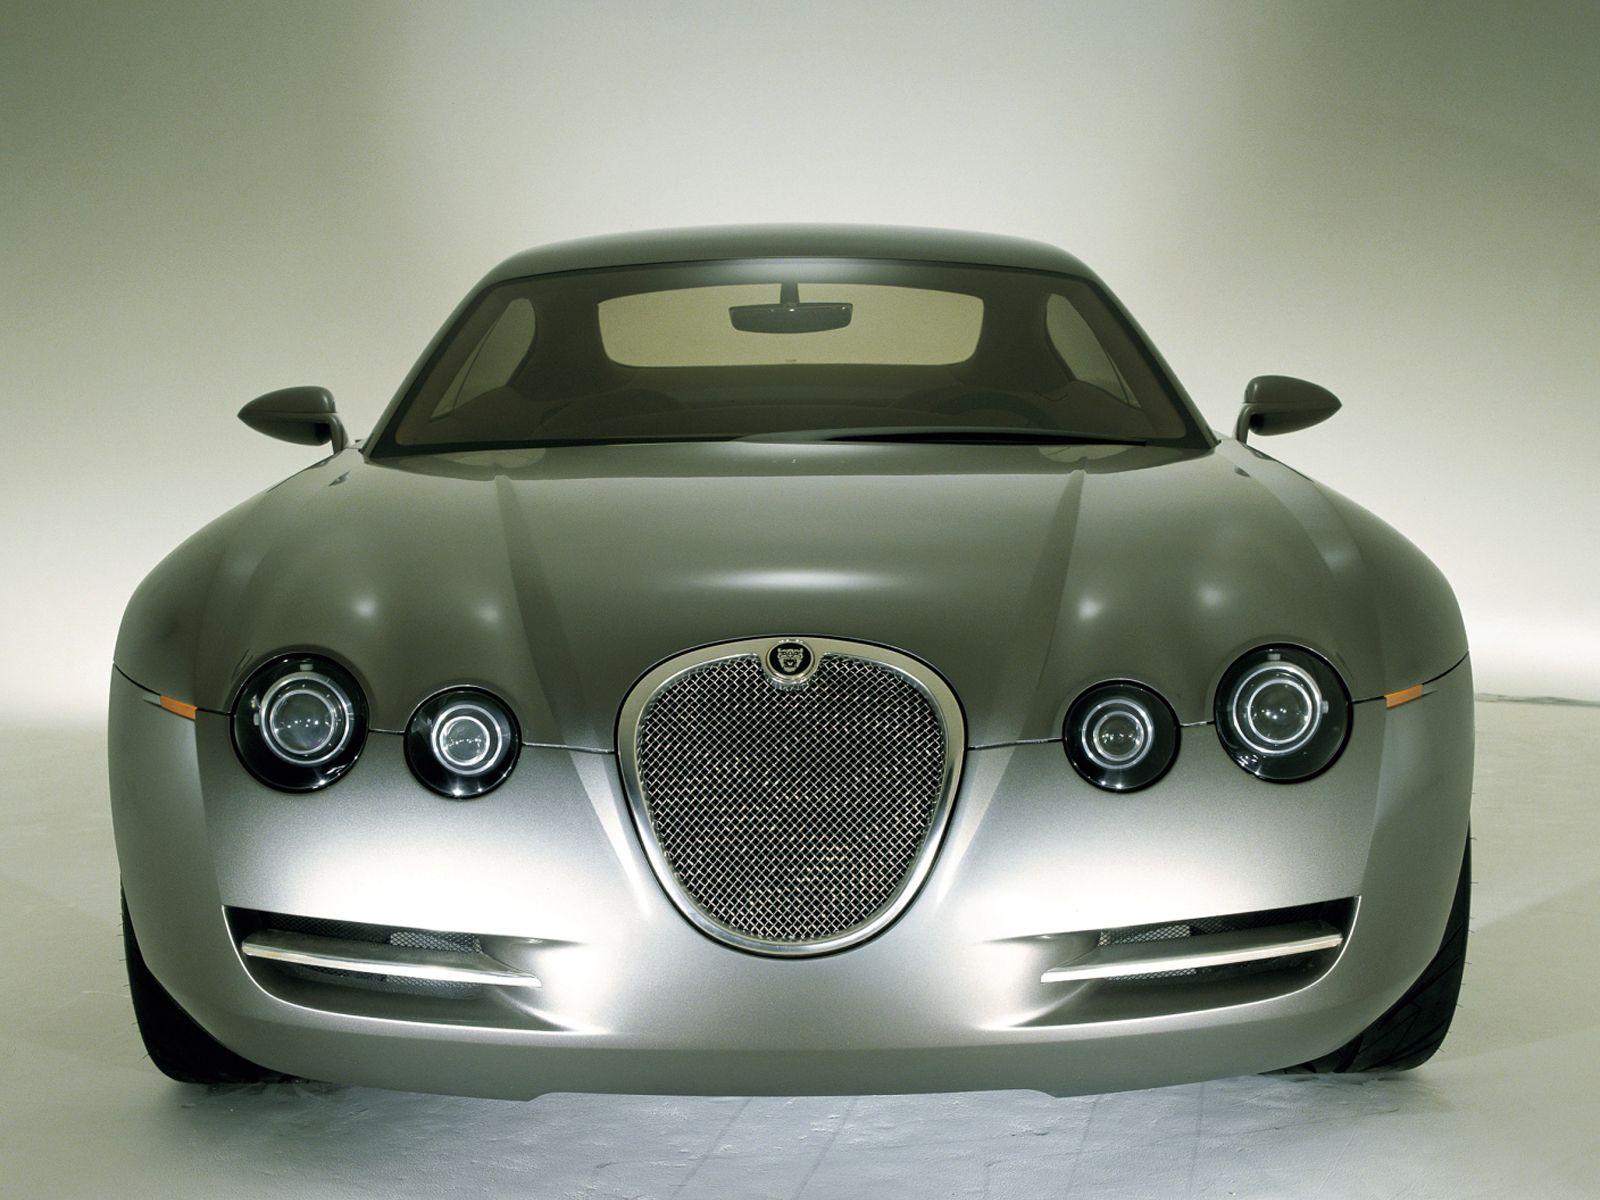 Top 10 Fastest Cars >> Jaguar R-Coupe Concept (2001) - Old Concept Cars